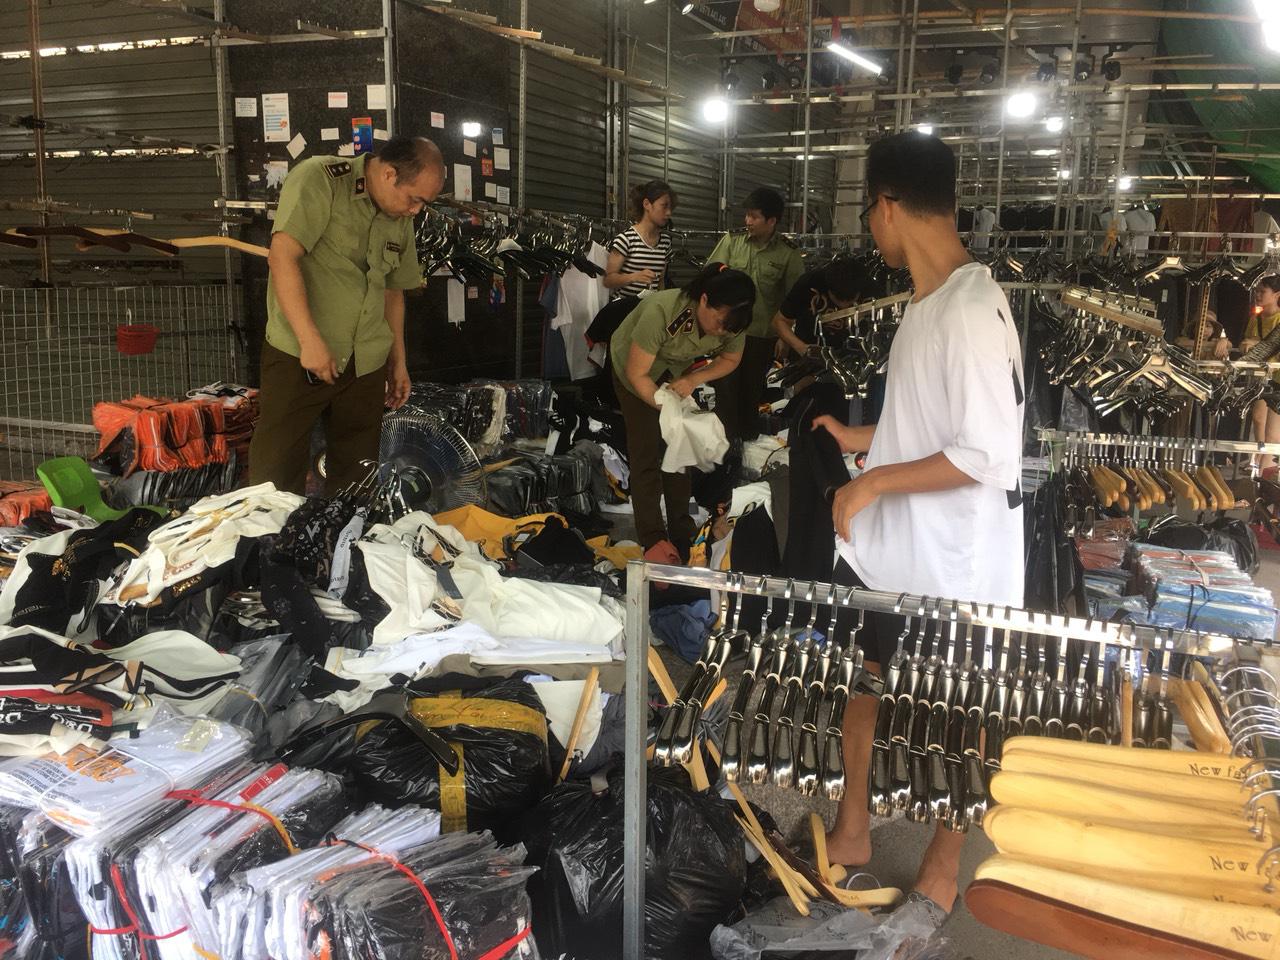 Tấn công khu Ninh Hiệp thu giữ gần 4.700 sản phẩm có dấu hiệu giả, nhái và hàng nhập lậu - Ảnh 2.